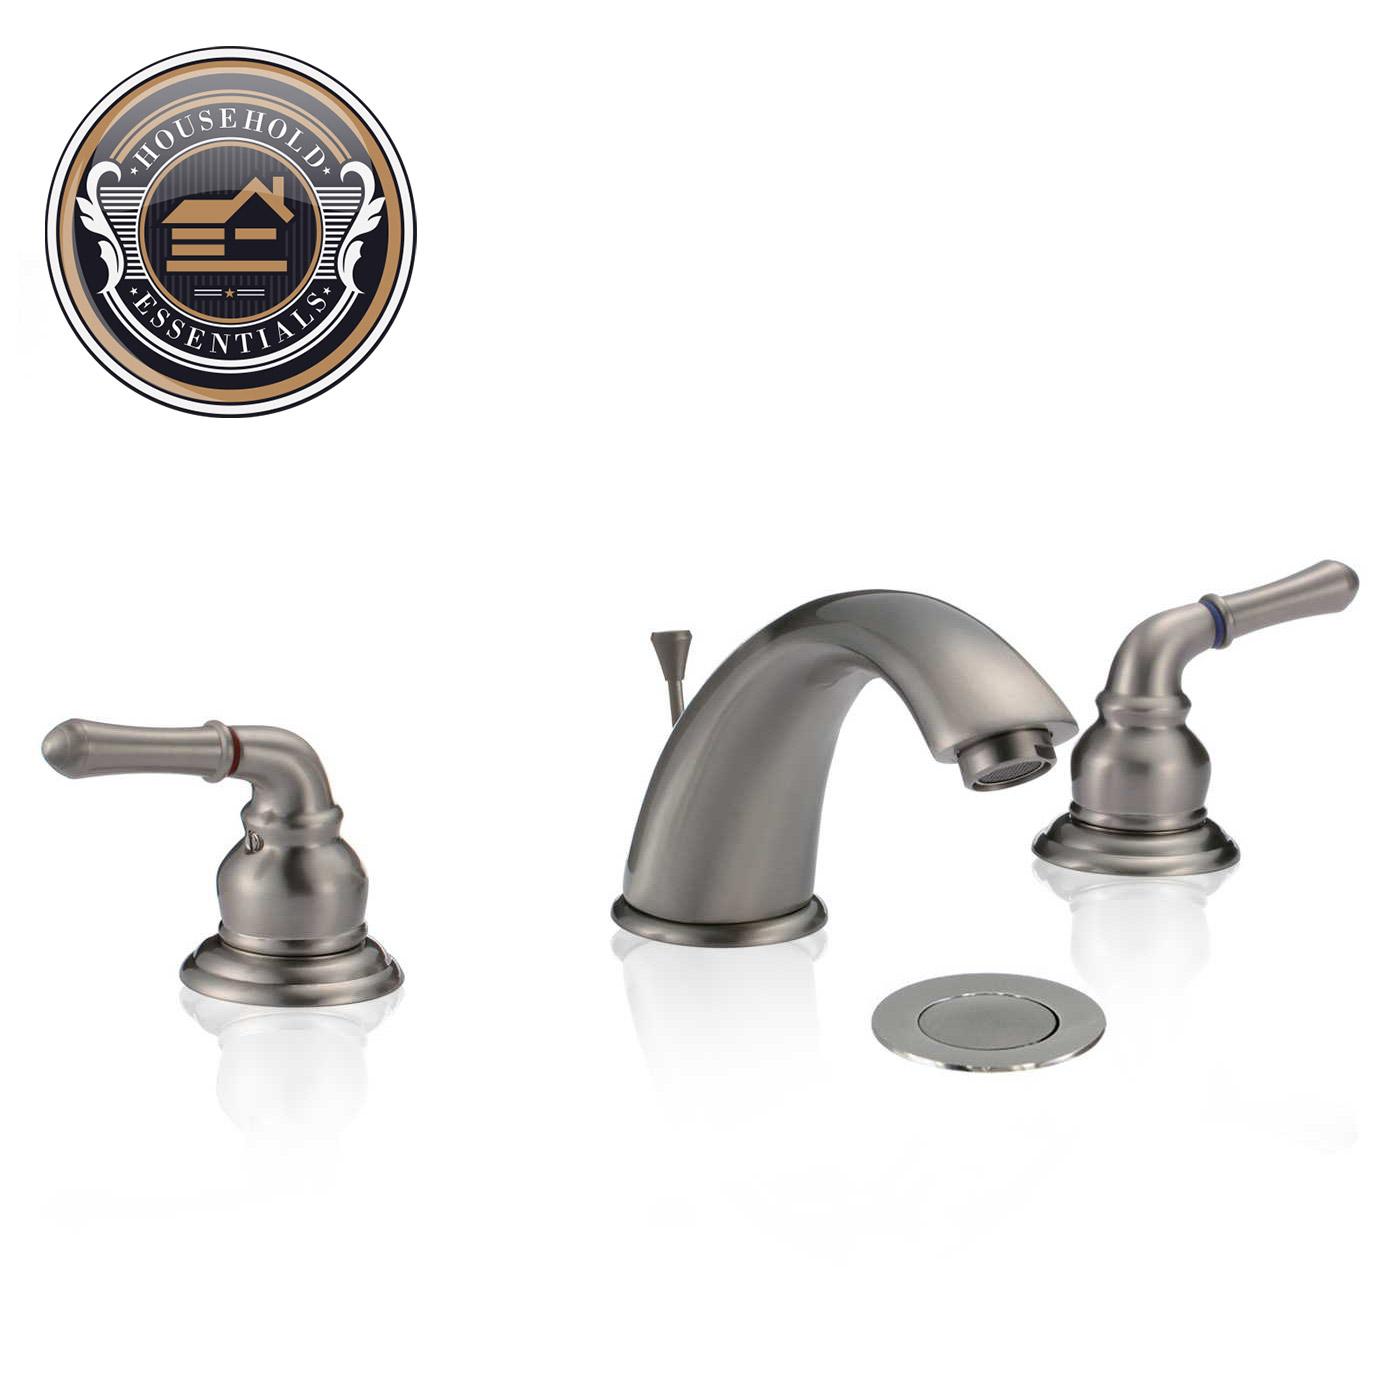 8 Widespread Bathroom Sink Faucet With Drain Ebay